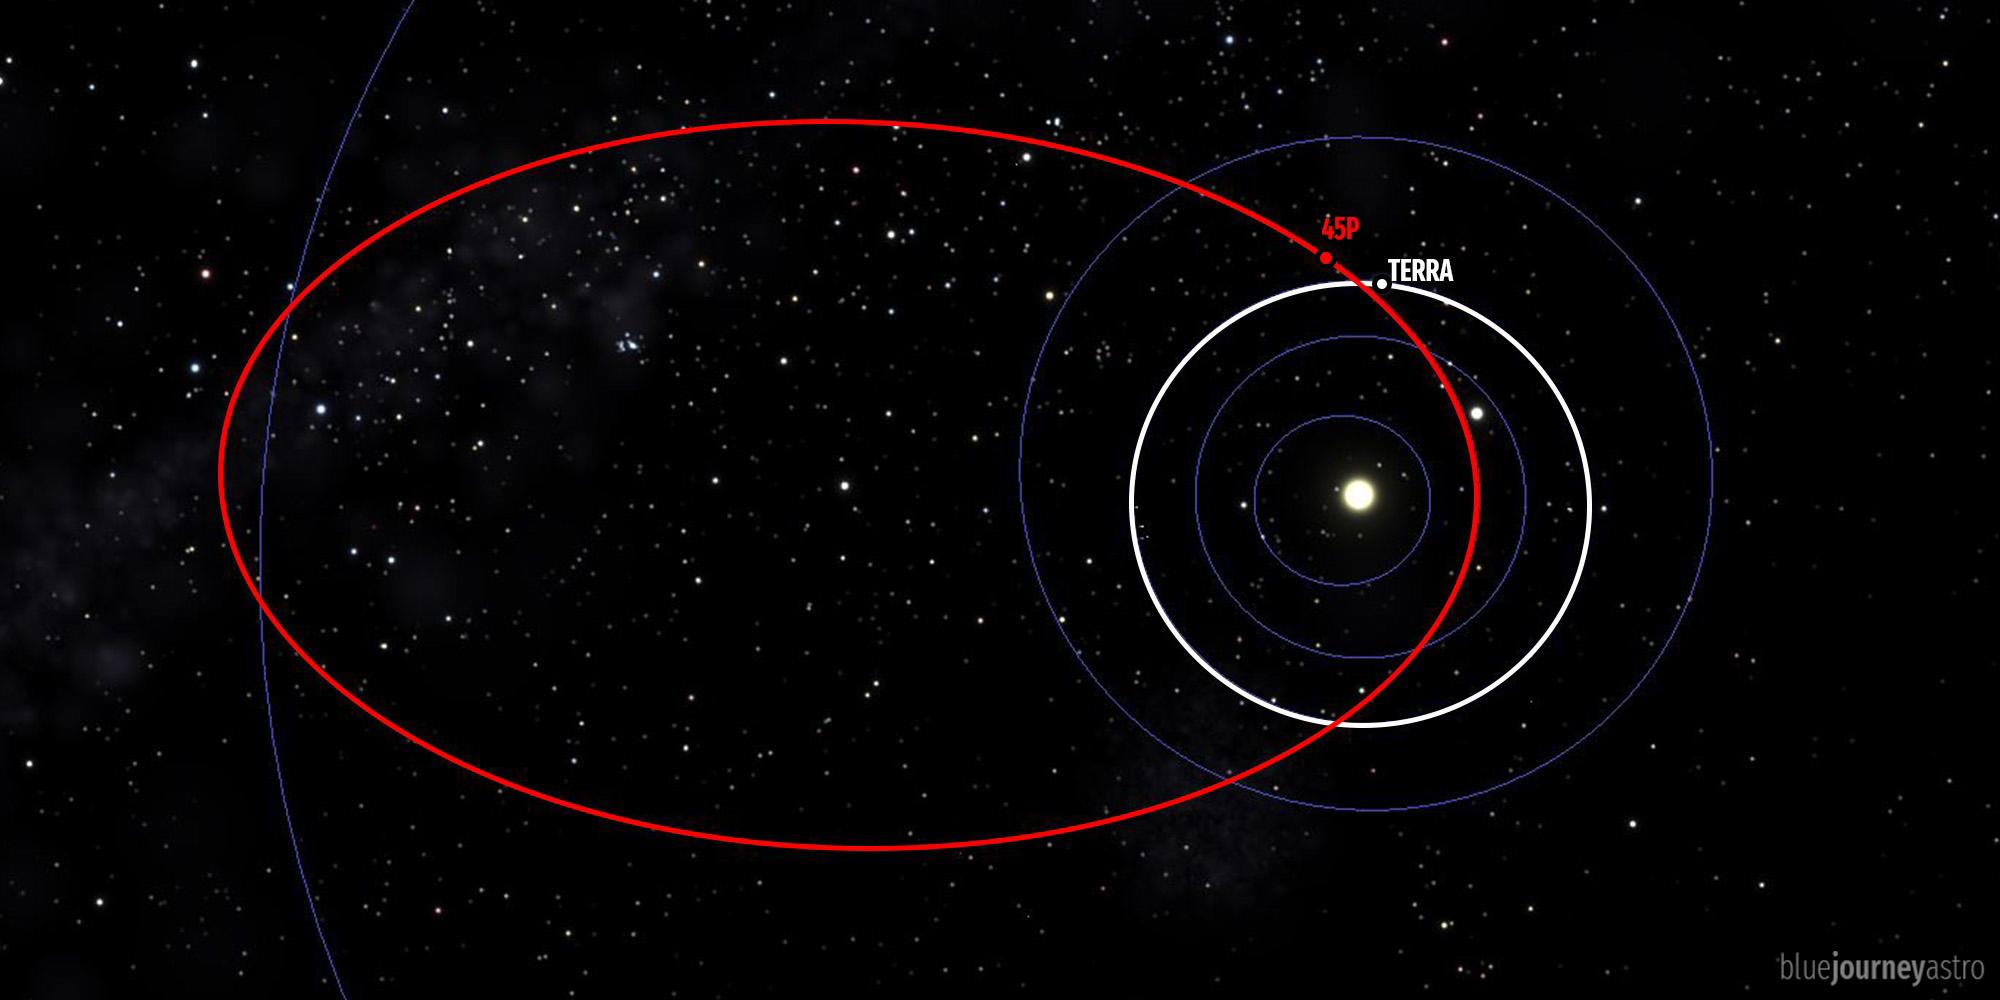 Comet 45p orbit